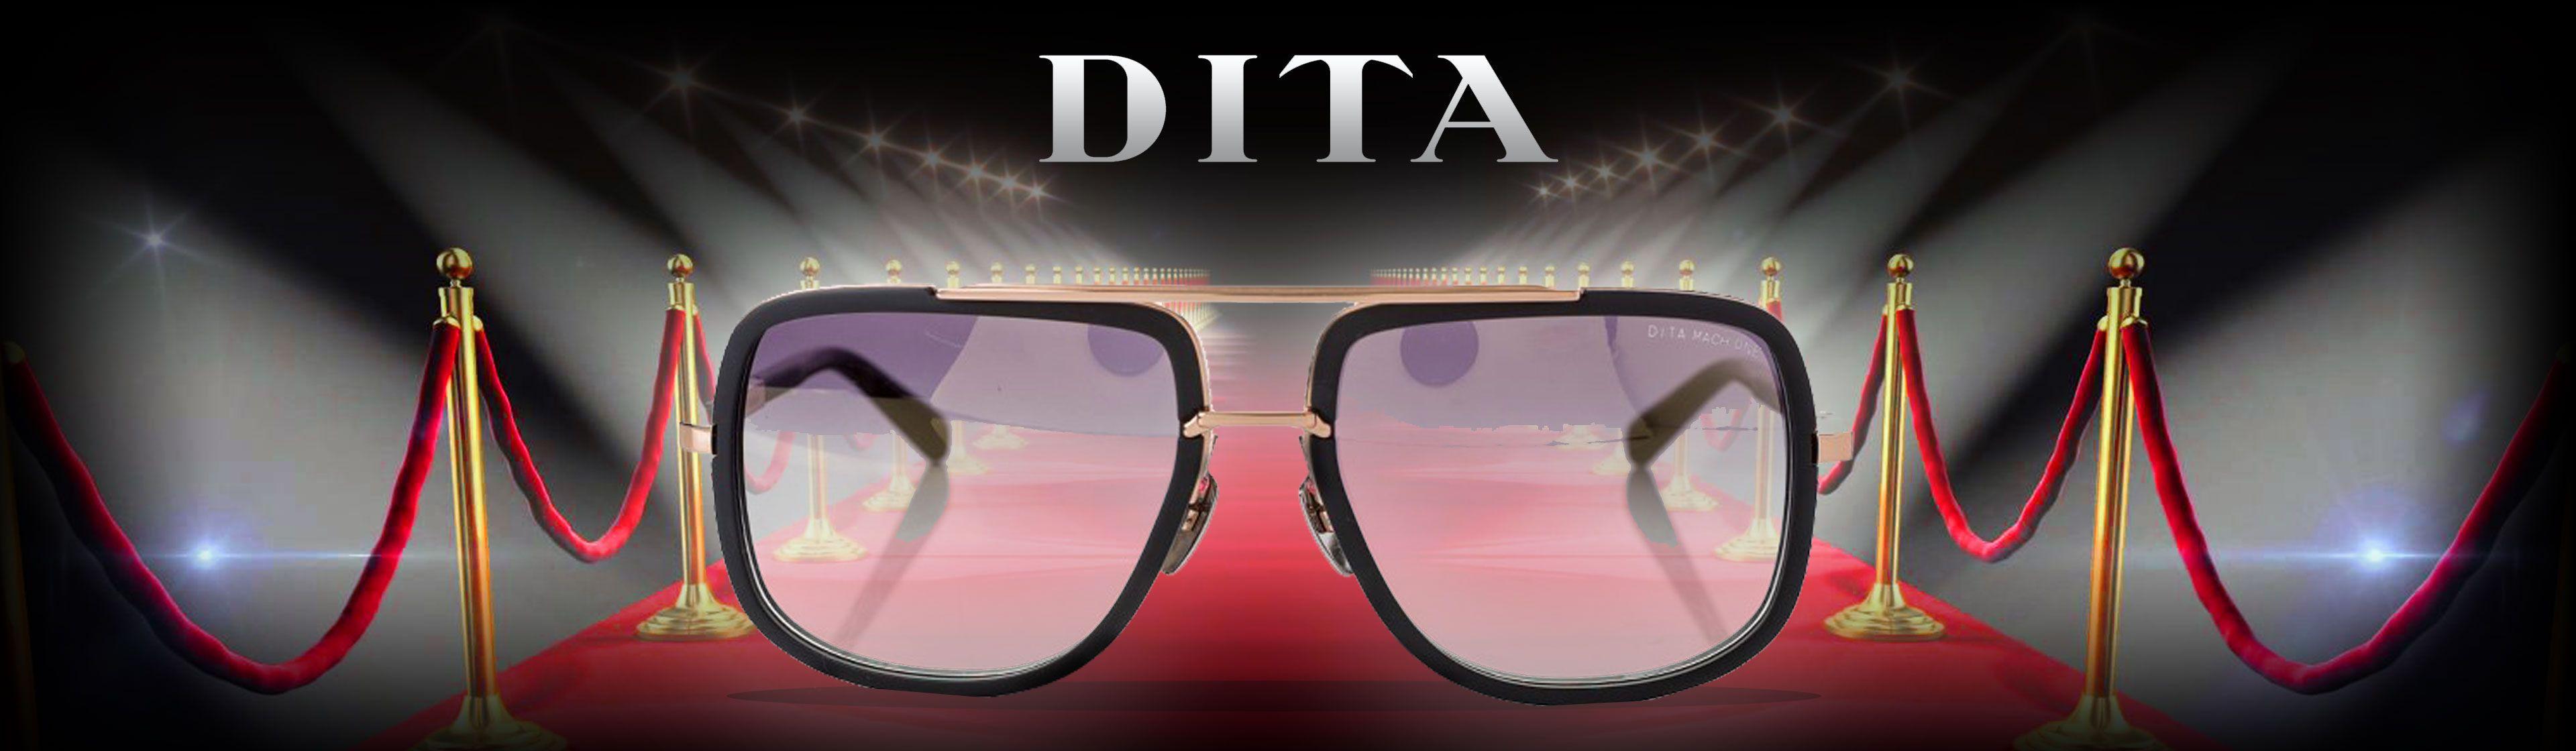 OSCAR 2018 Star Studded Moments for DITA